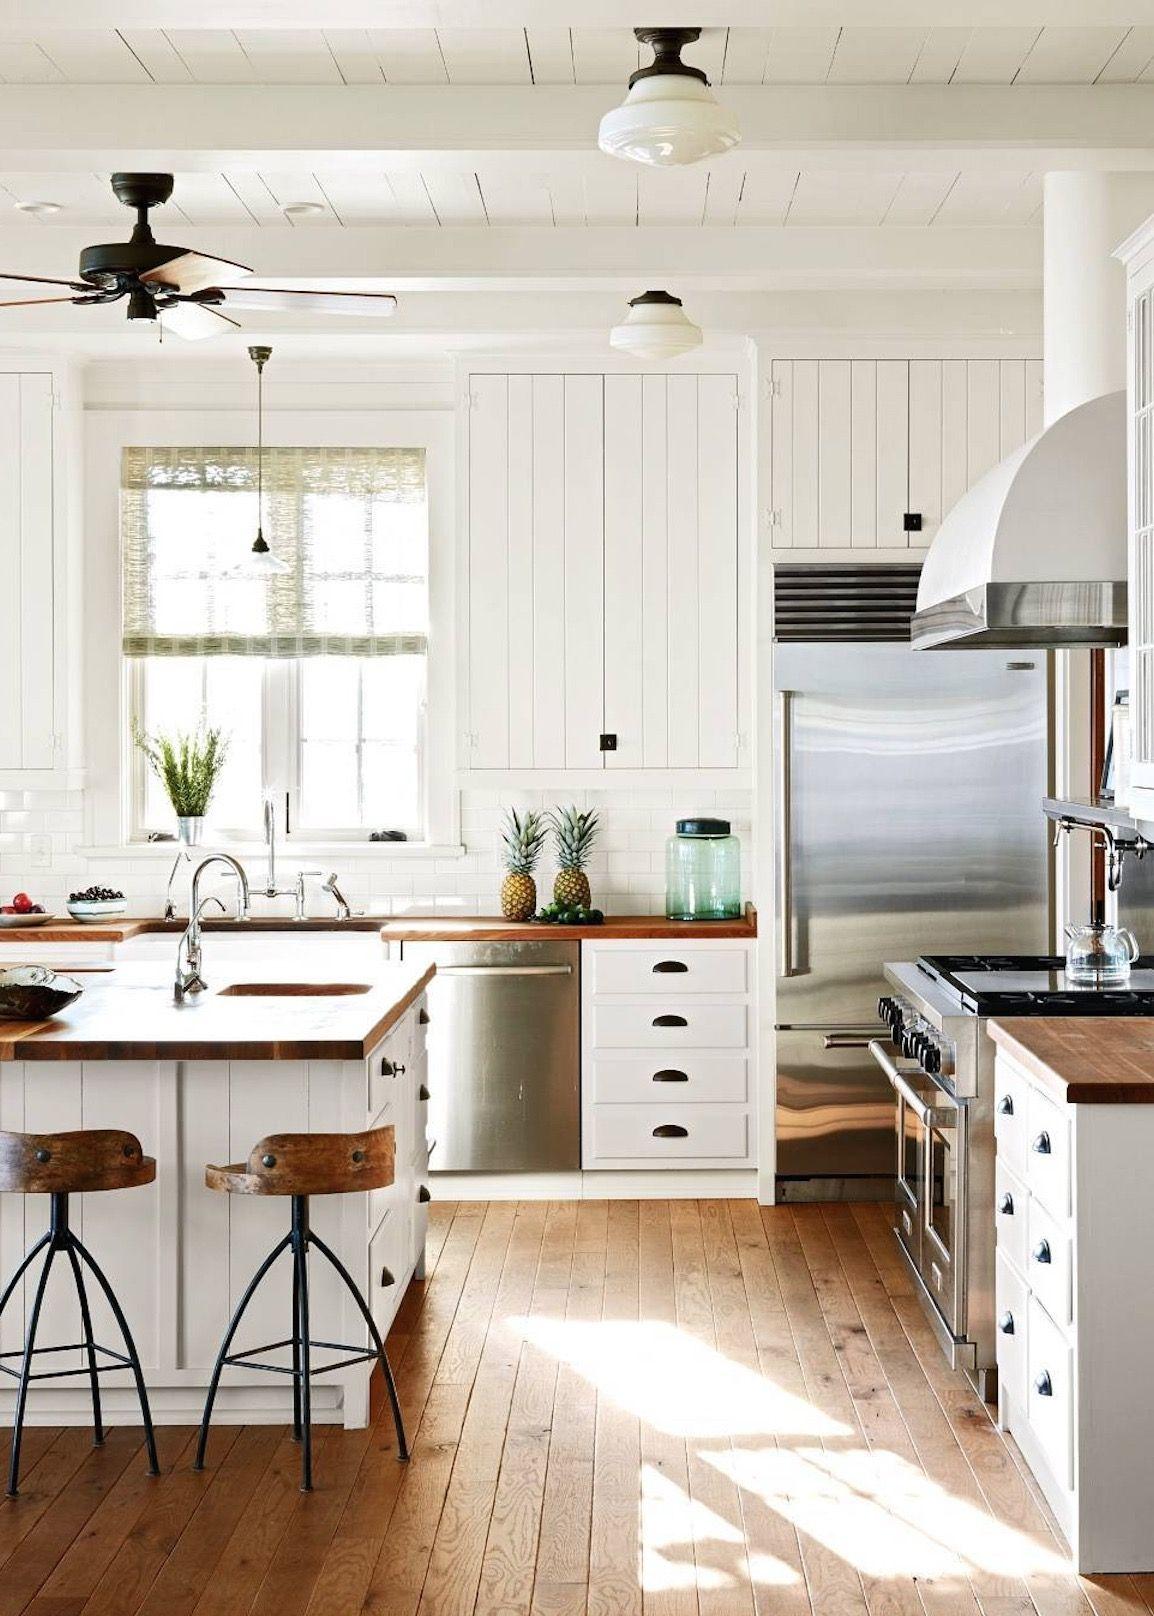 Marvelous Erkunde Zukünftiges Haus, Küchen Ideen Und Noch Mehr! White Modern Clean  Kitchen Home Decor Ideas